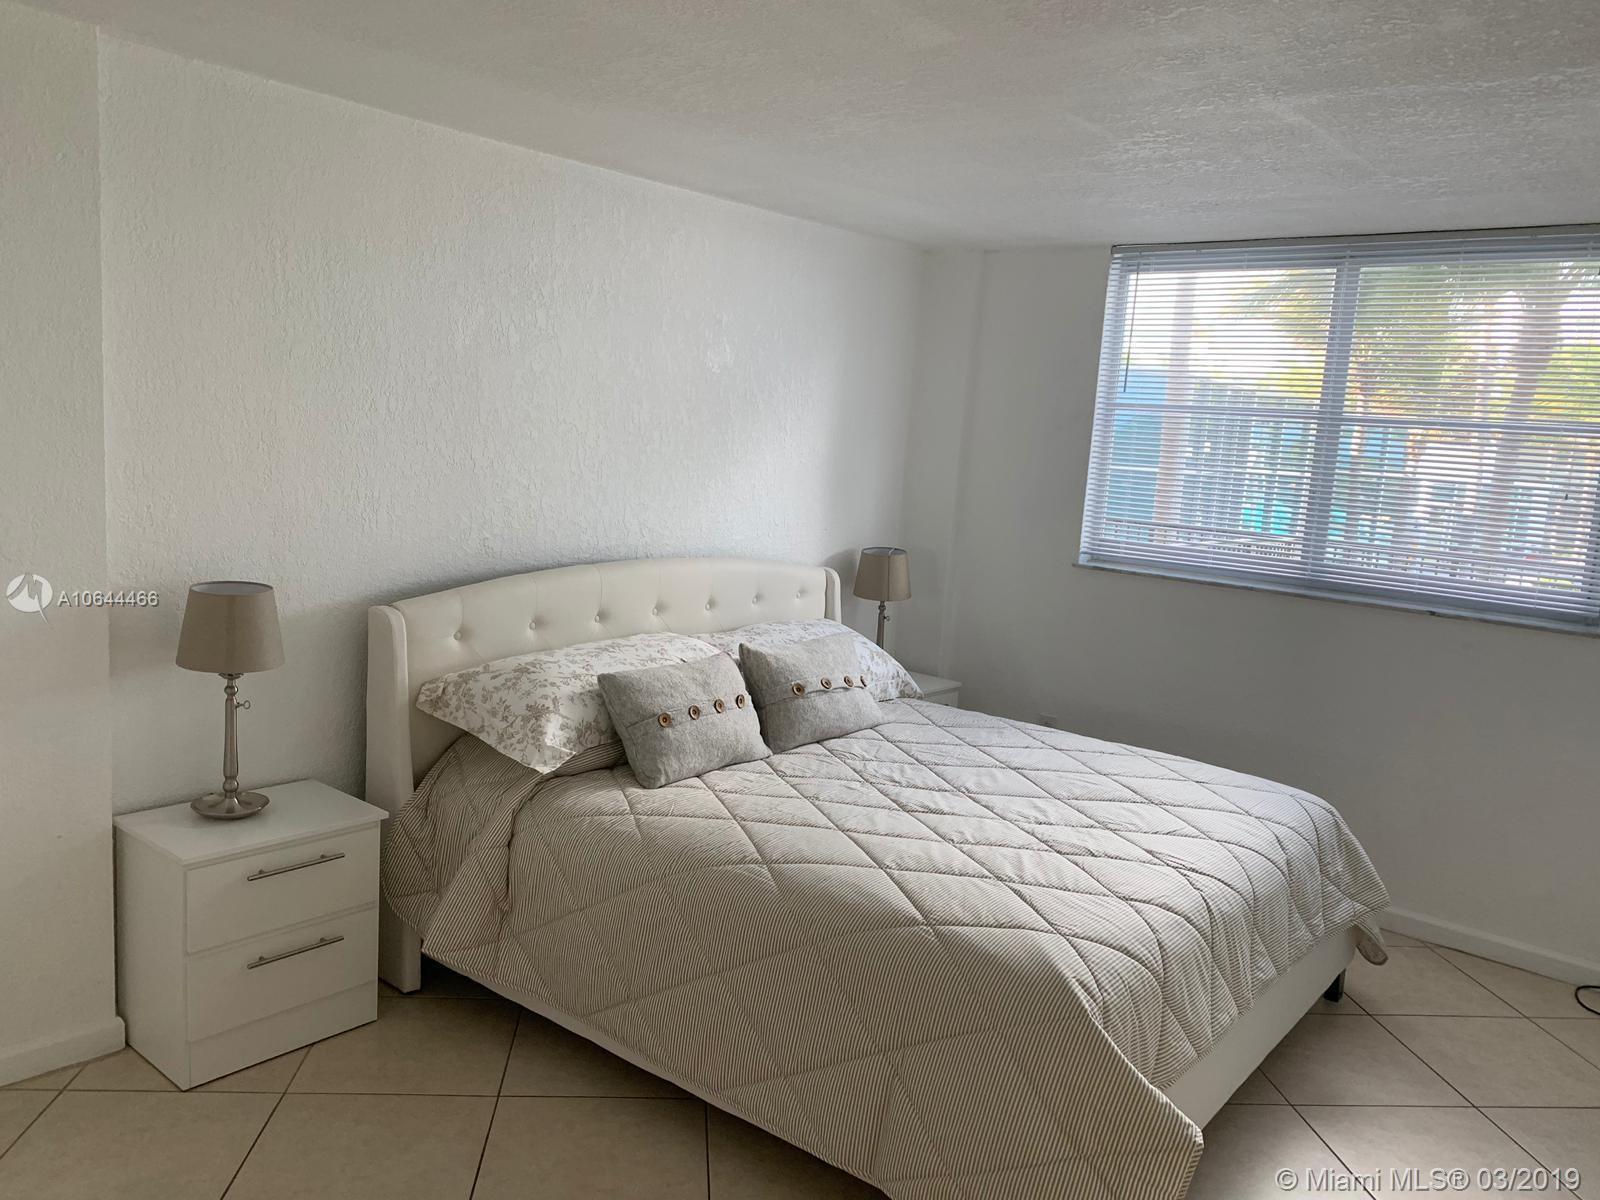 9273 Collins Ave 106, Surfside, FL 33154